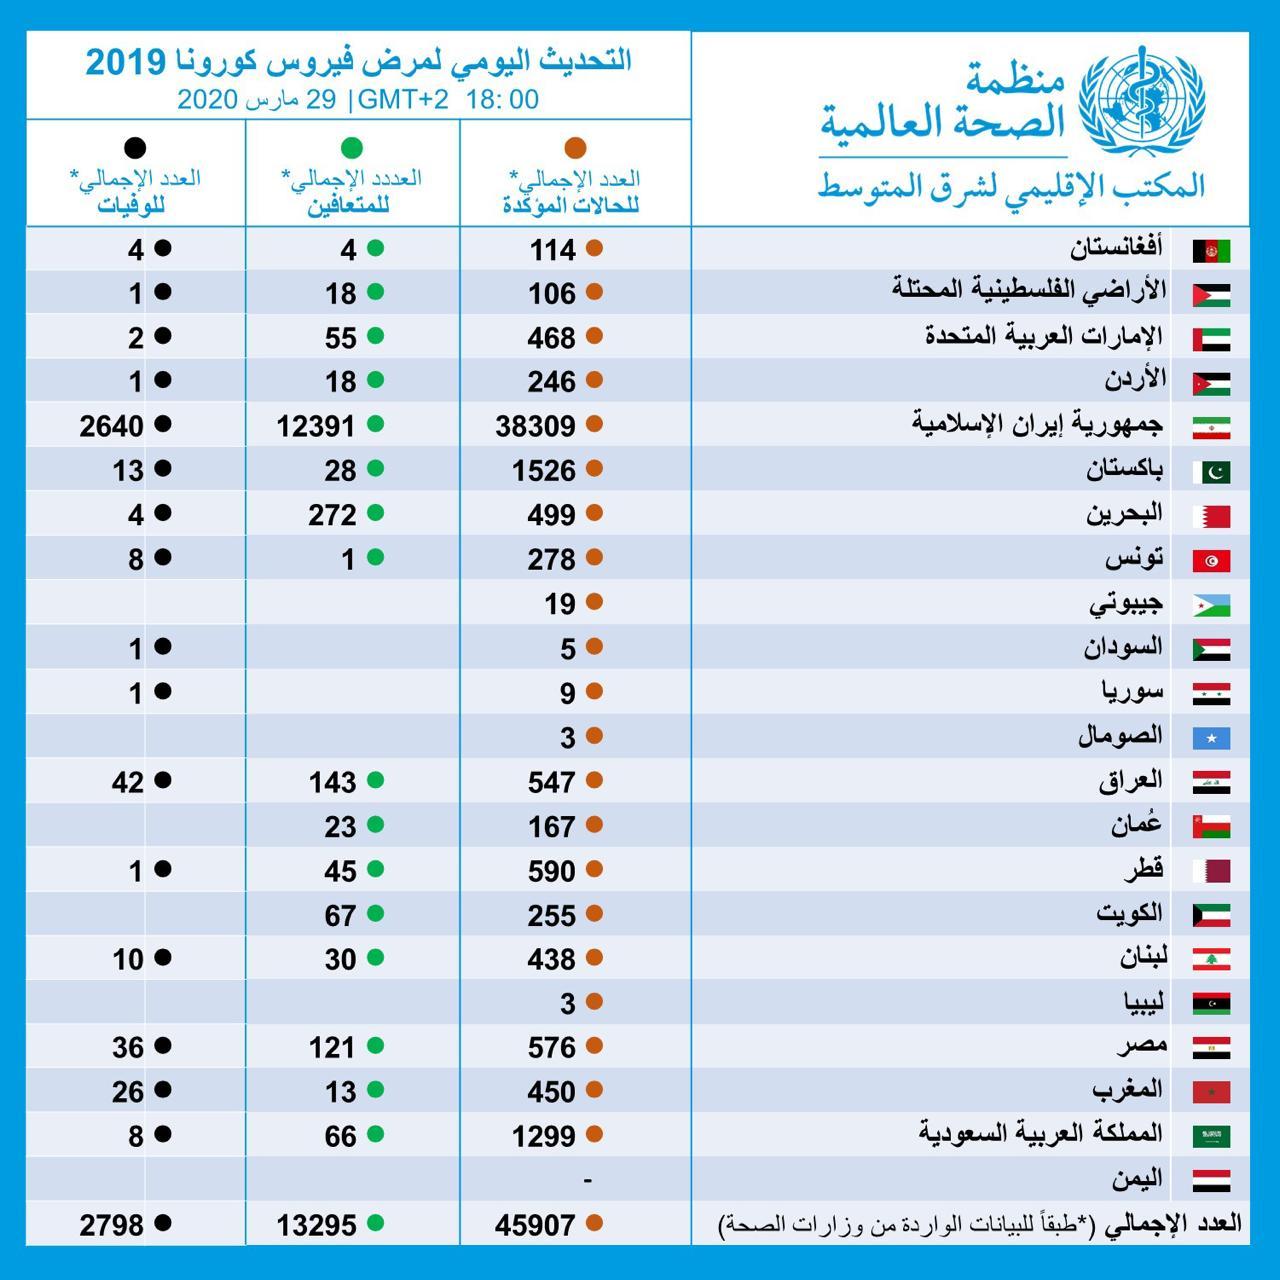 الاحصائيات فى الشرق الاوسط